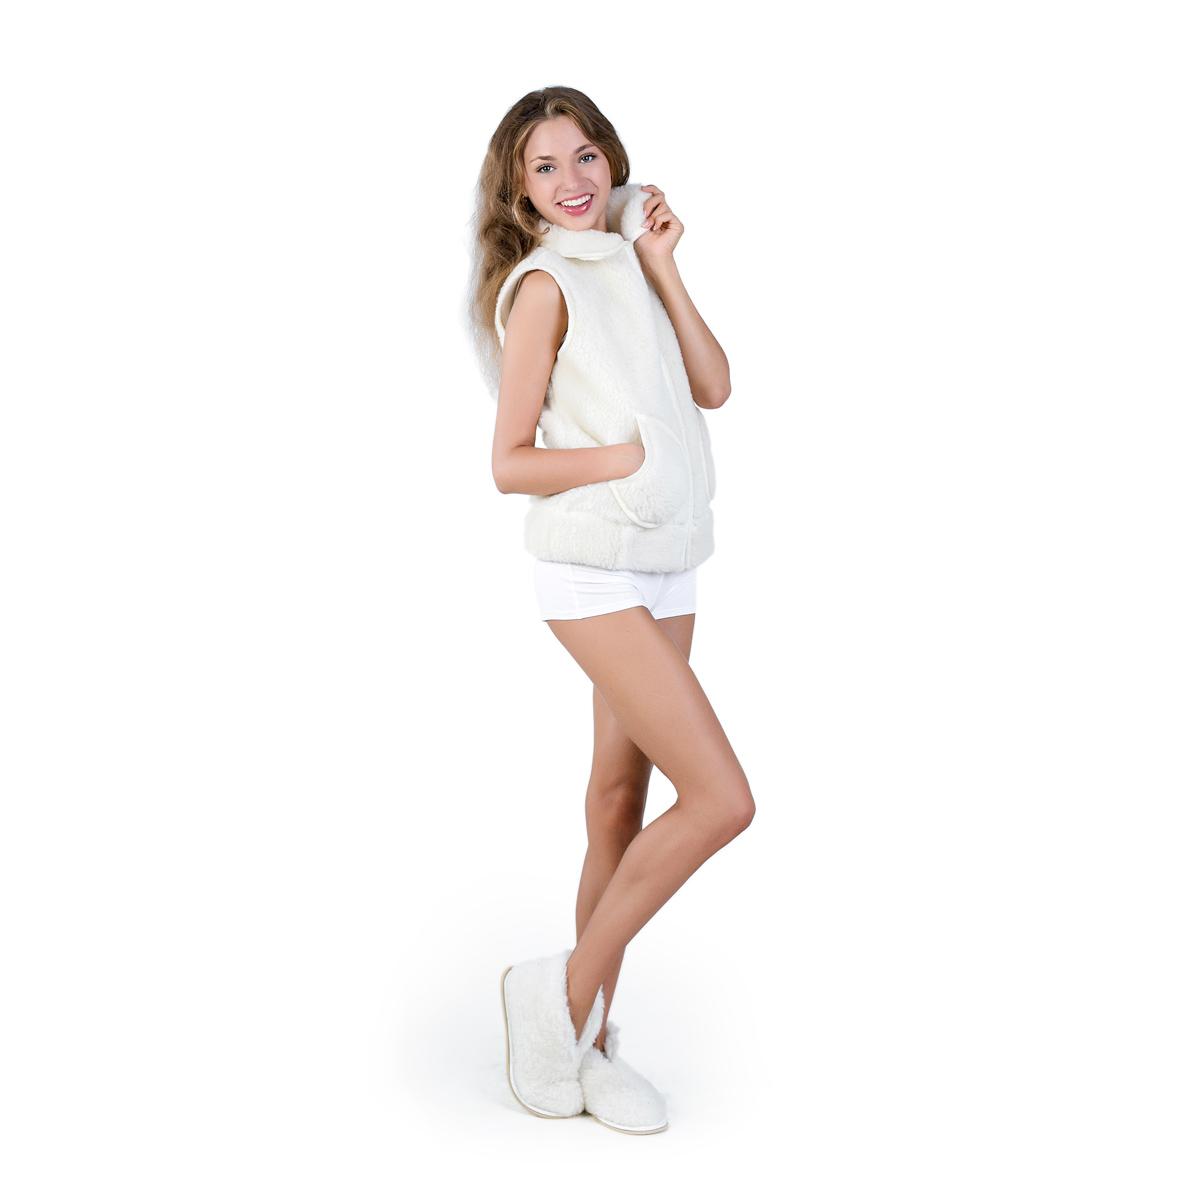 Жен. жилет Модный Белый р. 56Согревающий<br>Обхват груди:112 см<br>Обхват талии:95 см<br>Обхват бедер:120 см<br>Длина по спинке:63 см<br>Рост:164-170 см<br><br>Тип: Жен. жилет<br>Размер: 56<br>Материал: Овечья шерсть